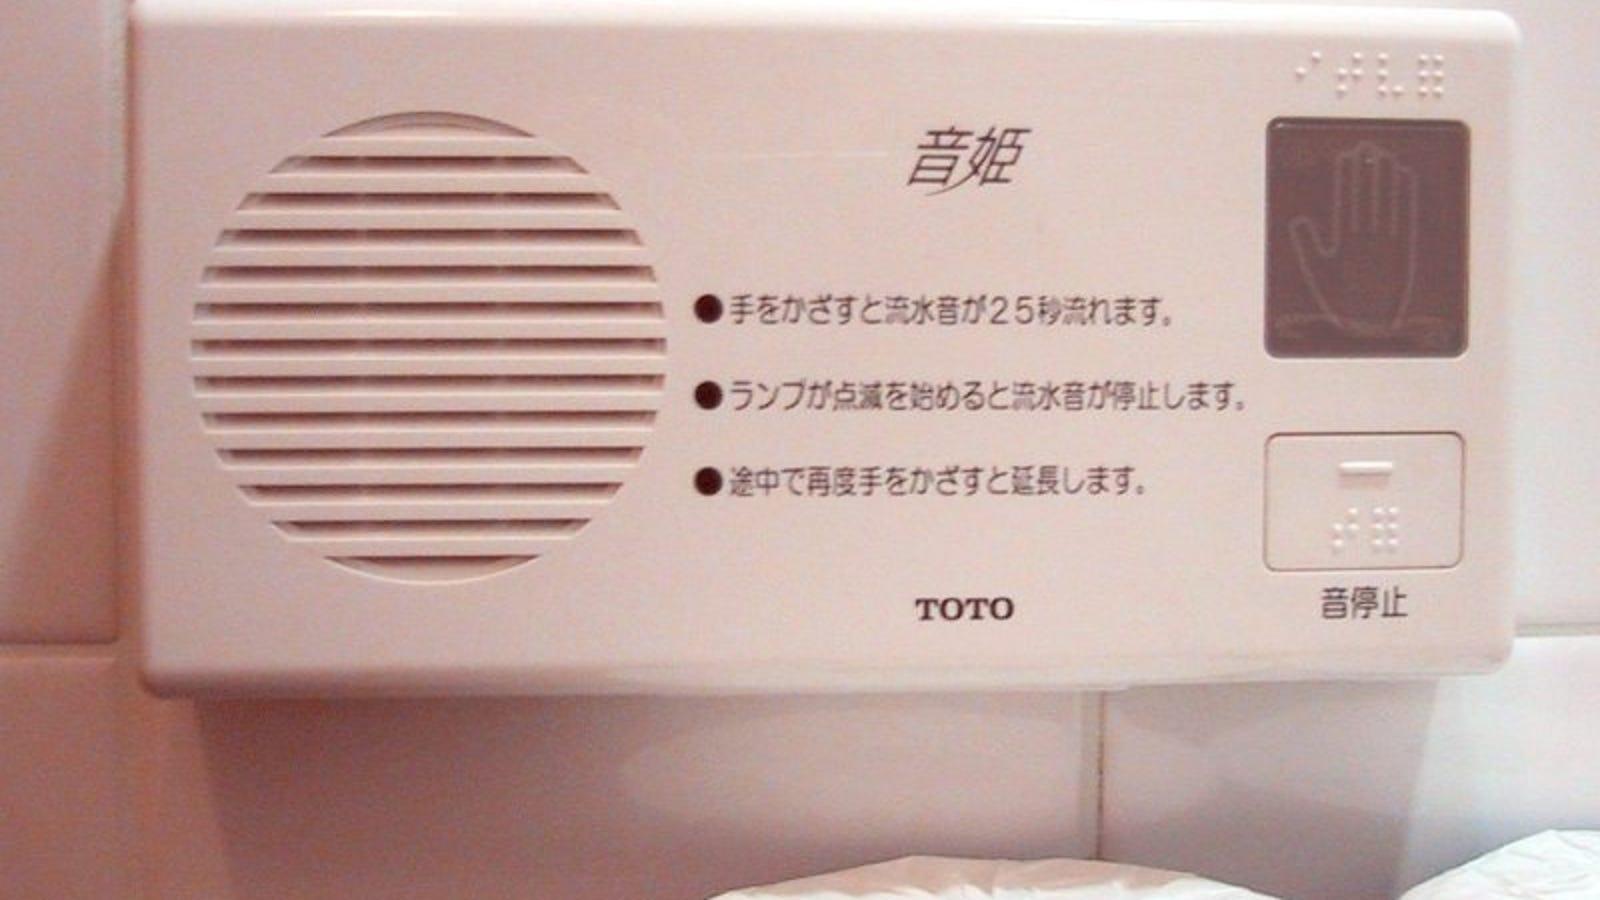 Esta es la razón por la que los japoneses tienen instalado un aparato en el baño que reproduce el sonido del váter